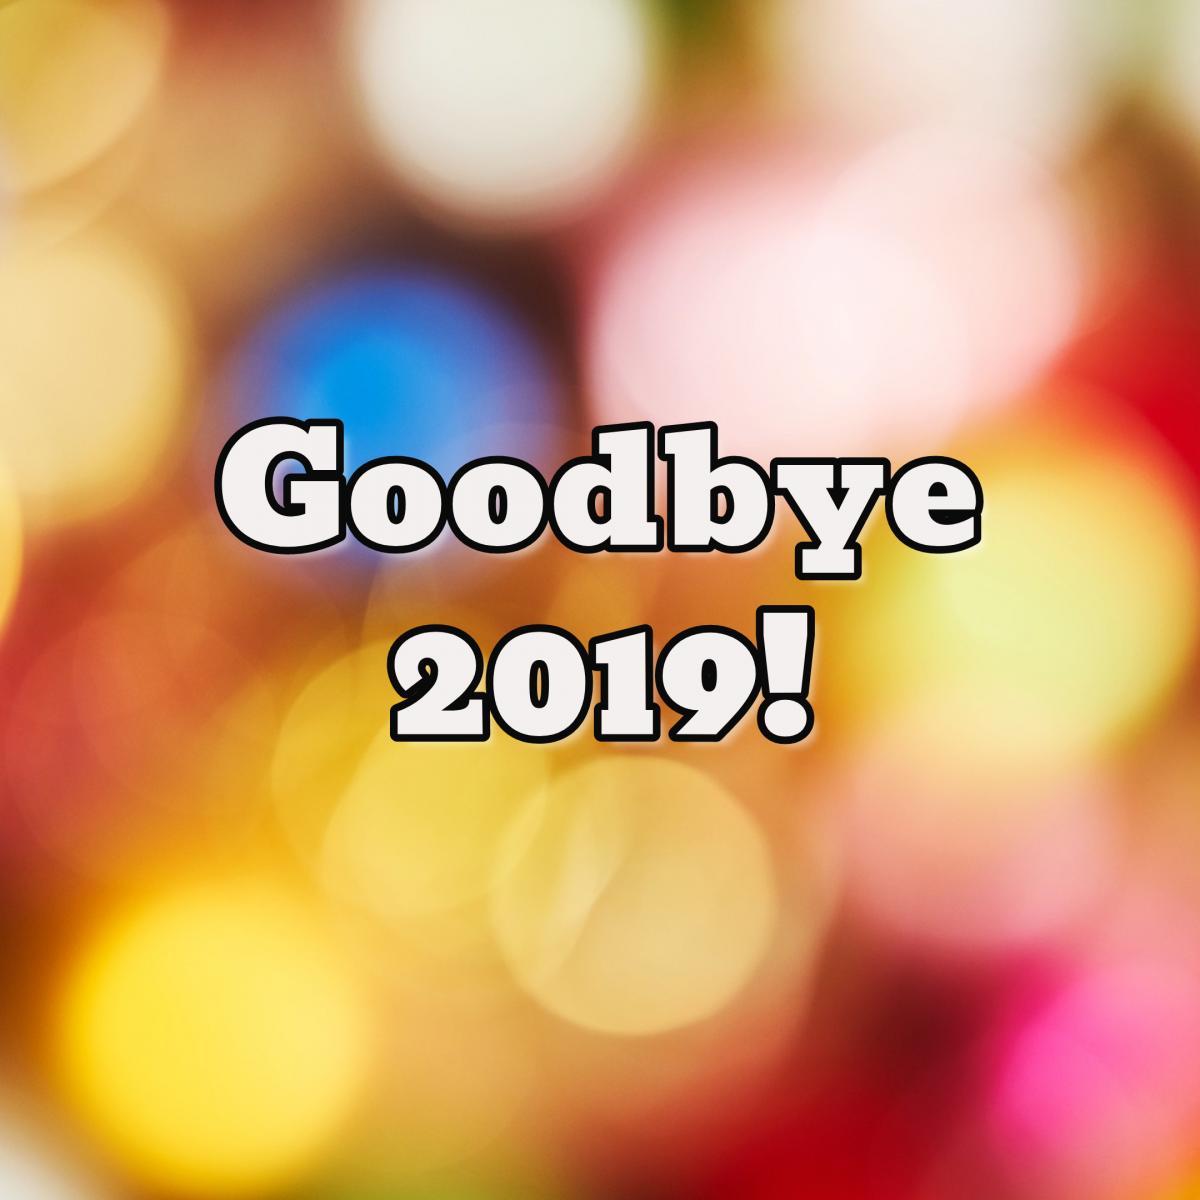 Goodbye 2019!